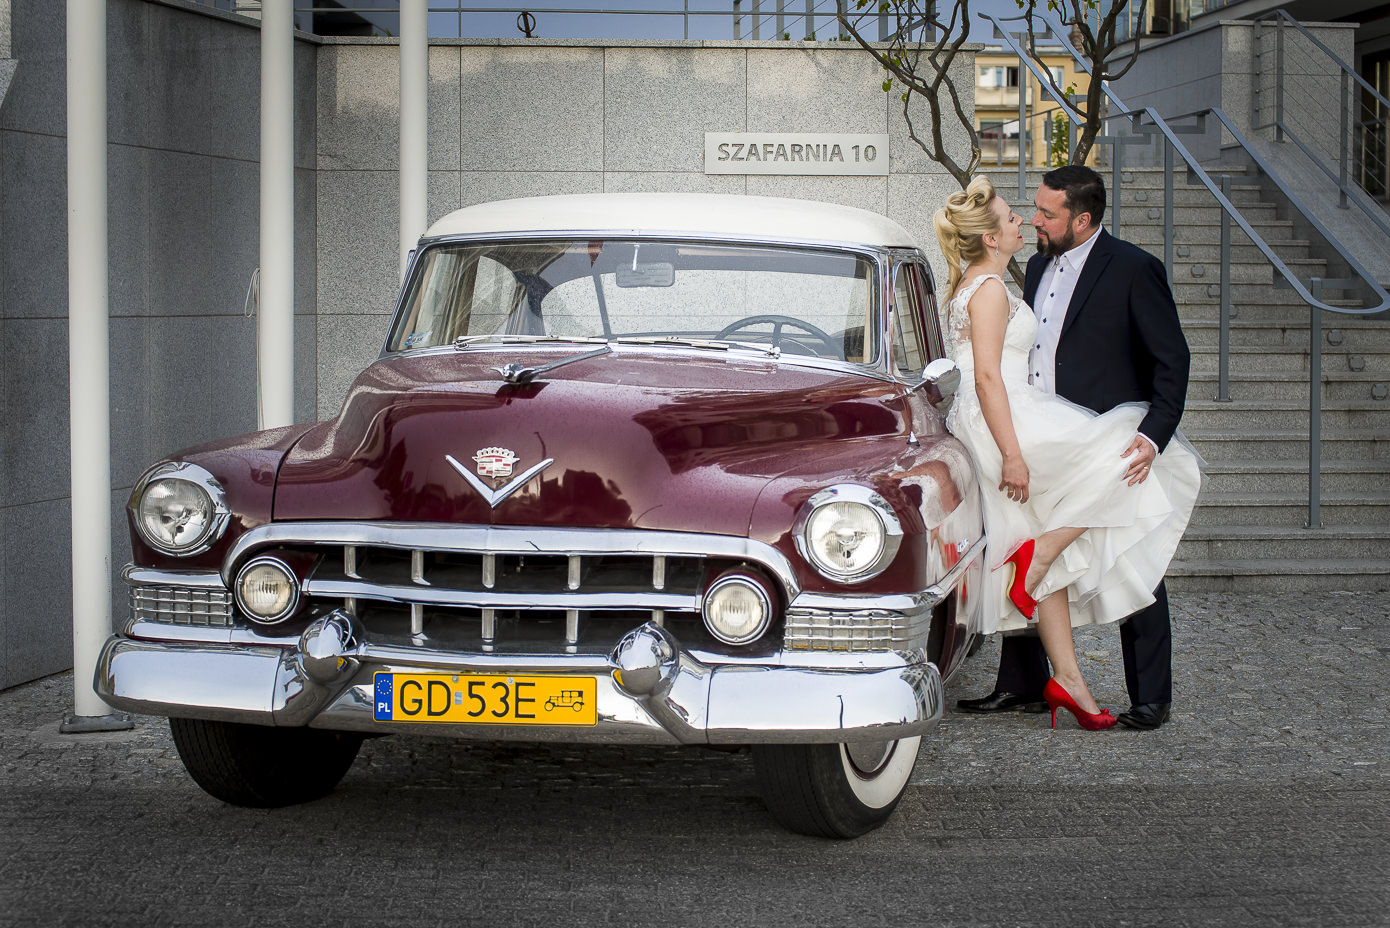 Fotograf weselny zdjecia ślubne z pasją i pomysłem